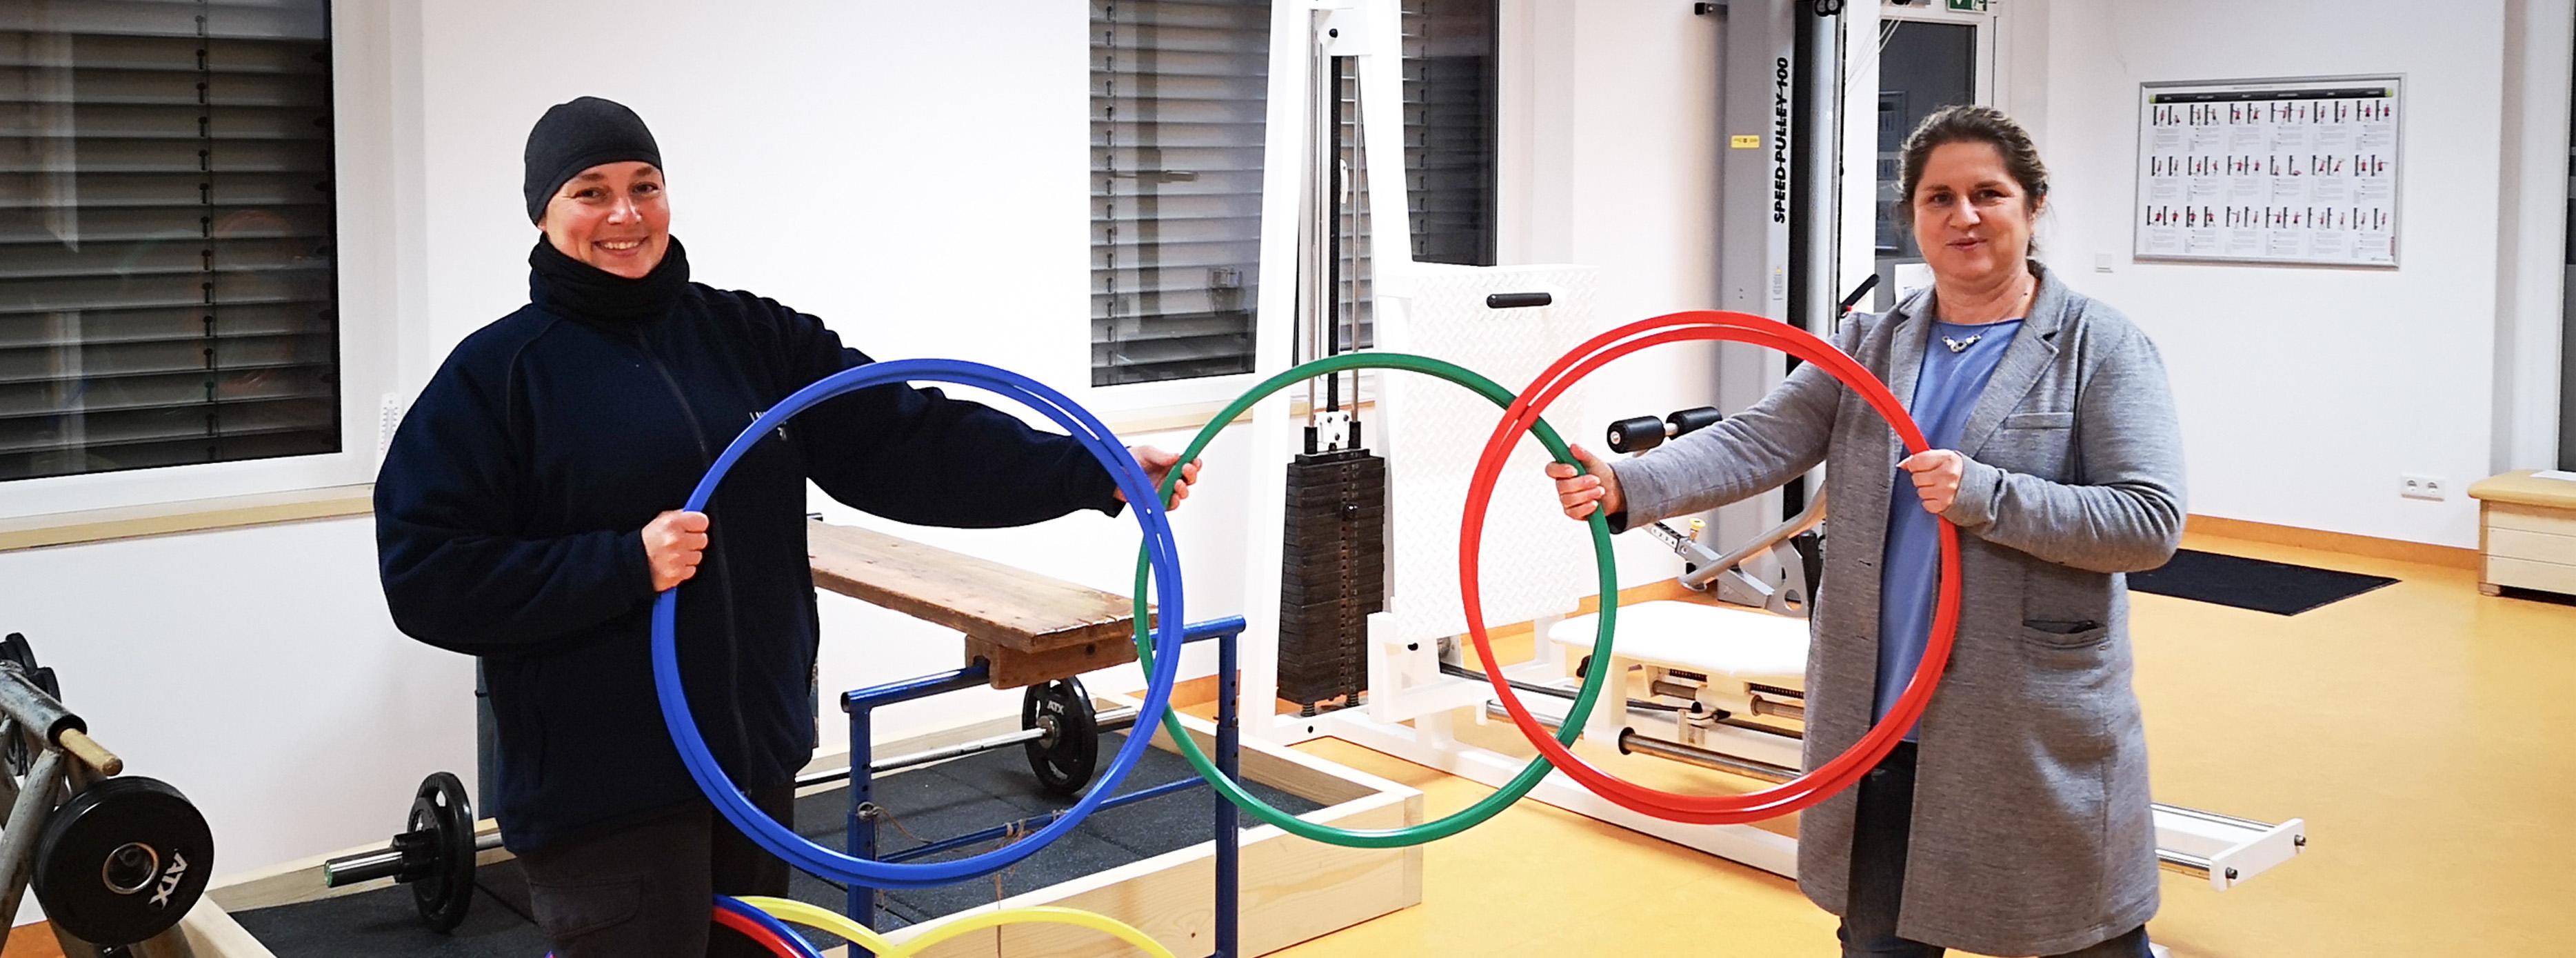 Übergabe der Gymnastikreifen